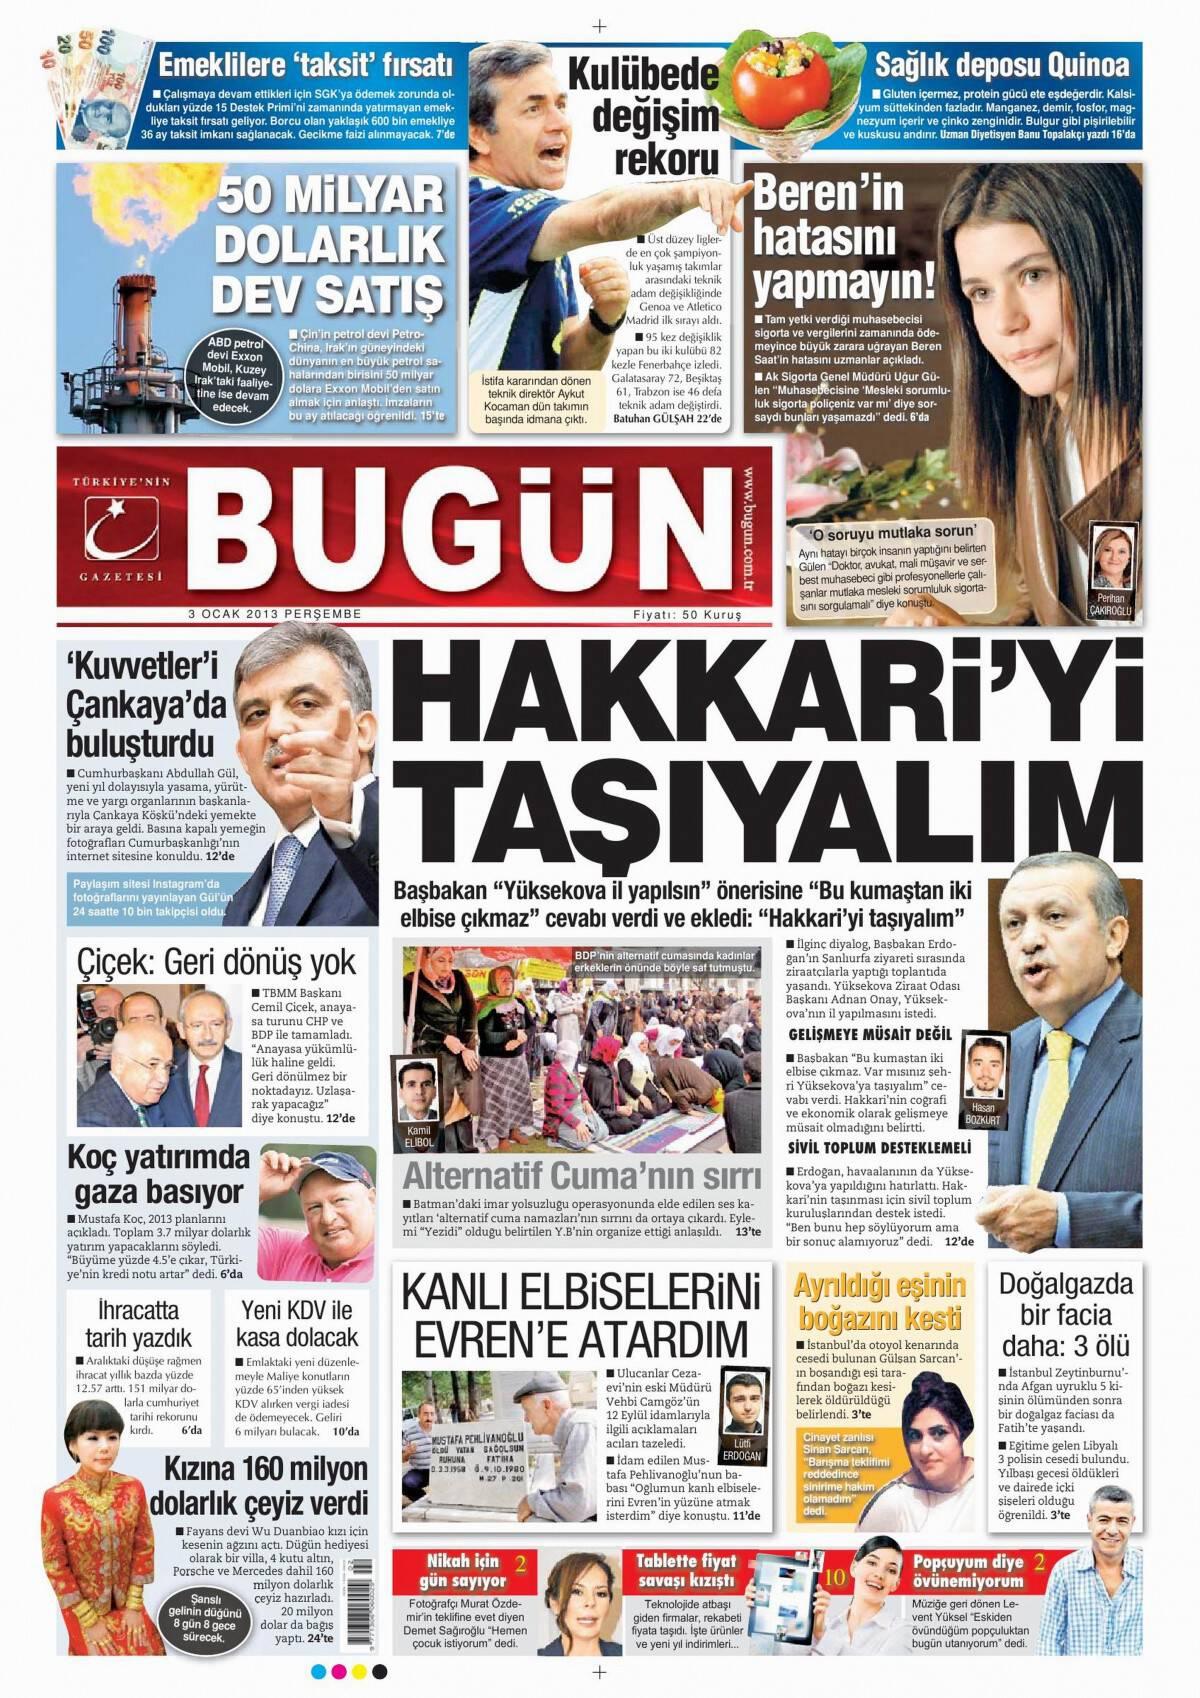 3 Ocak 2013 tarihli Bugun Gazetesi Sayfa 1